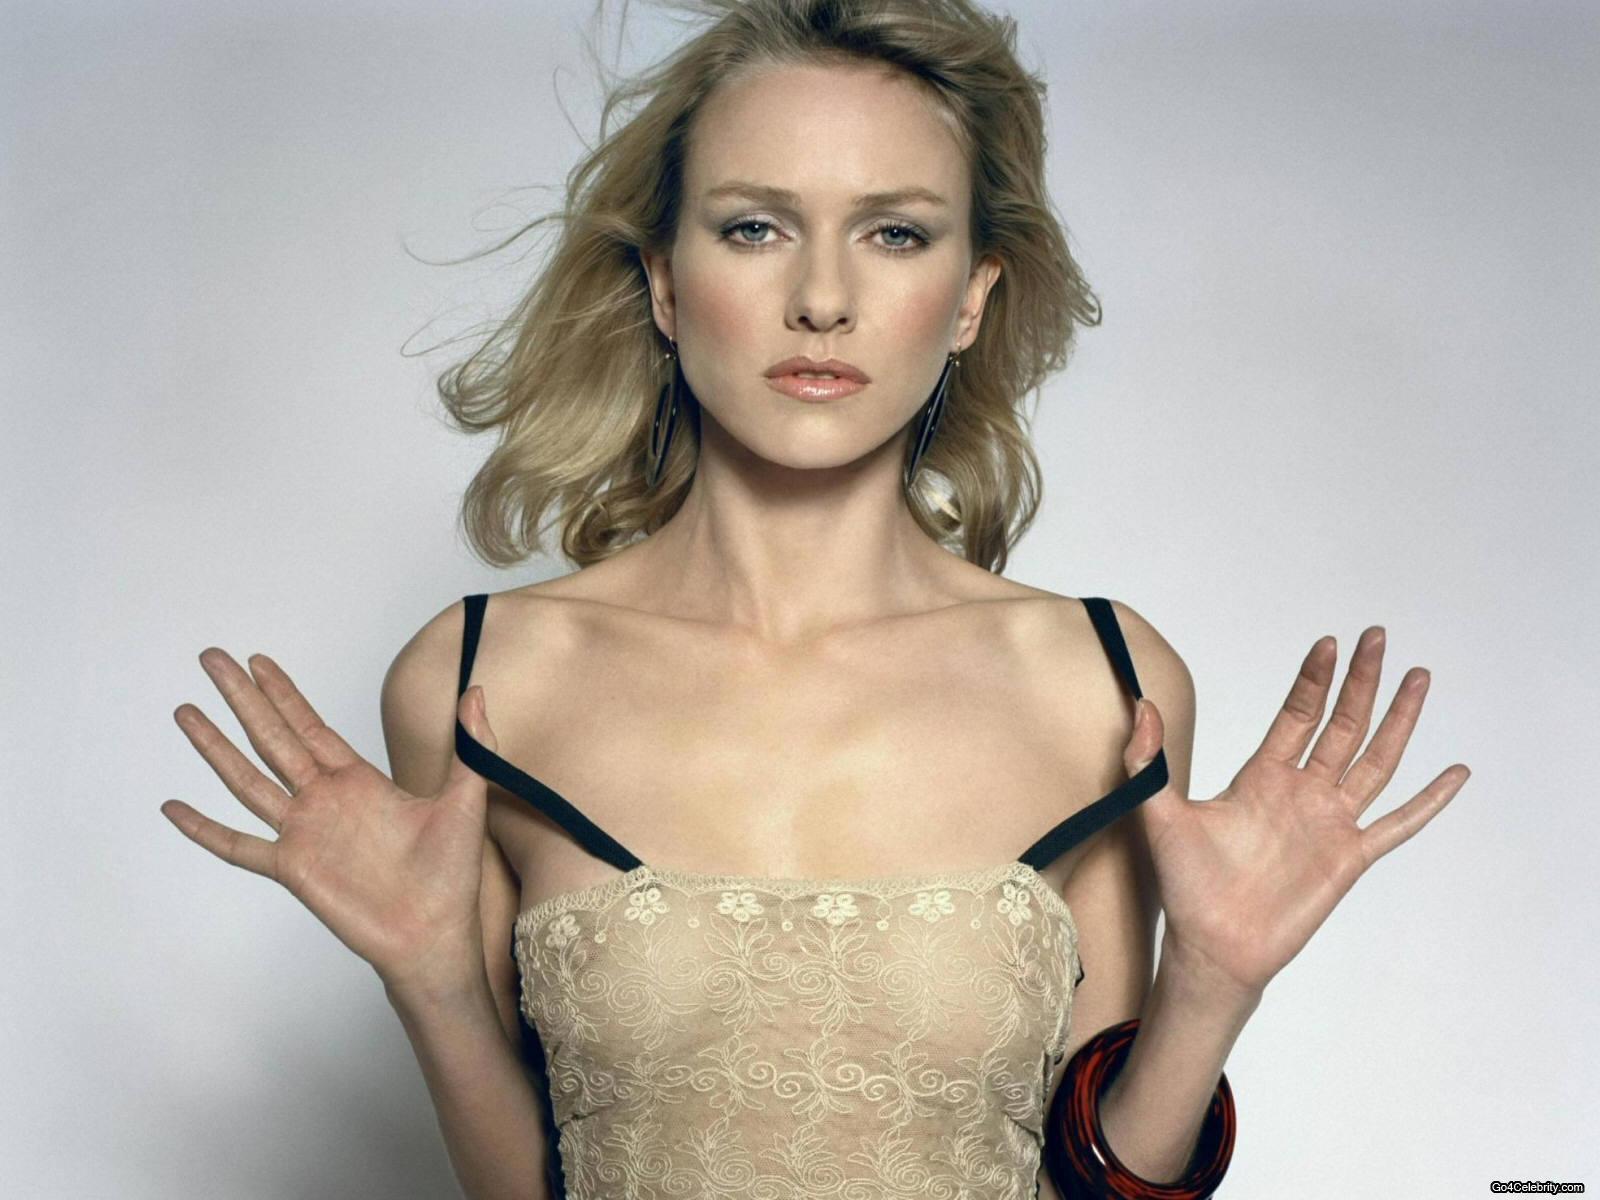 nakne norske kjendiser sophie elise naked